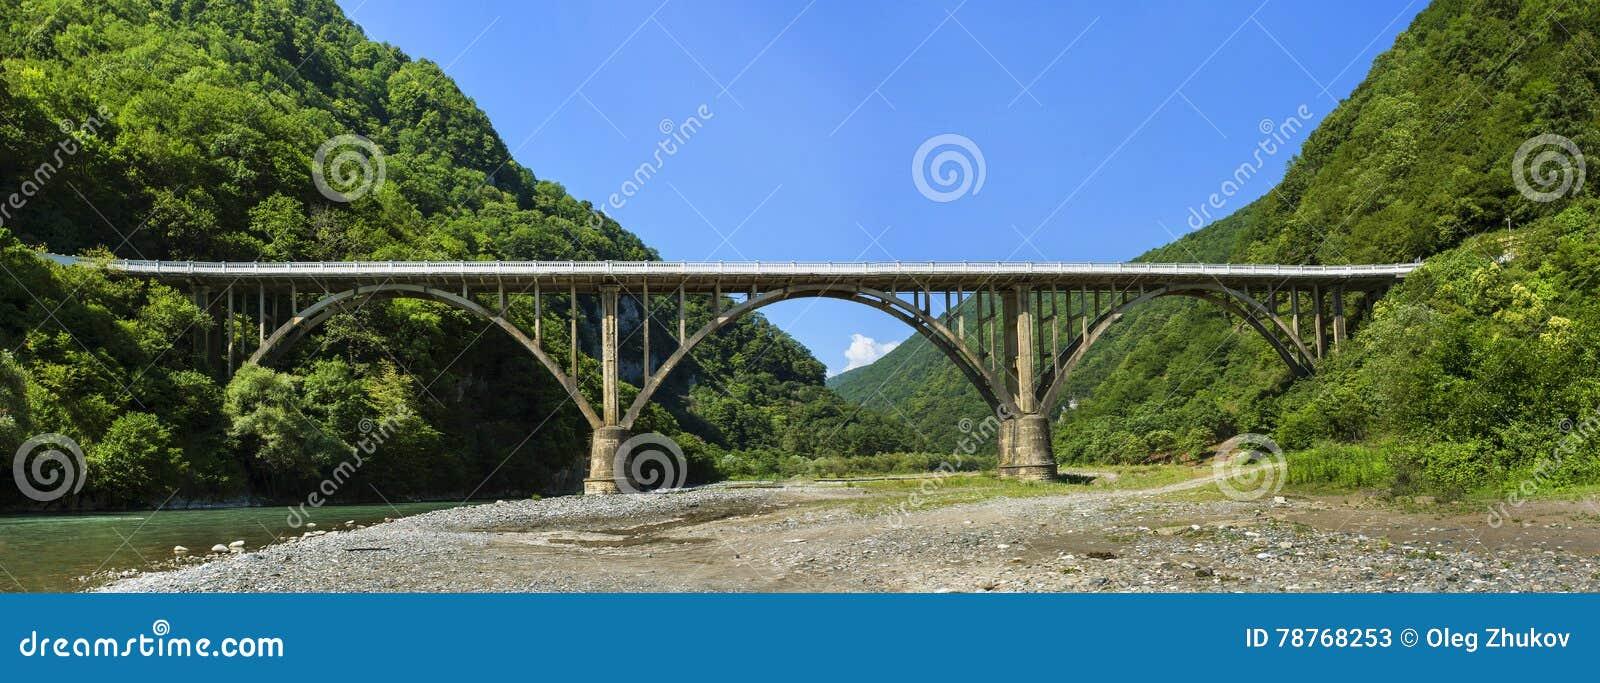 Ajardine en Abjasia con el puente de piedra sobre el río